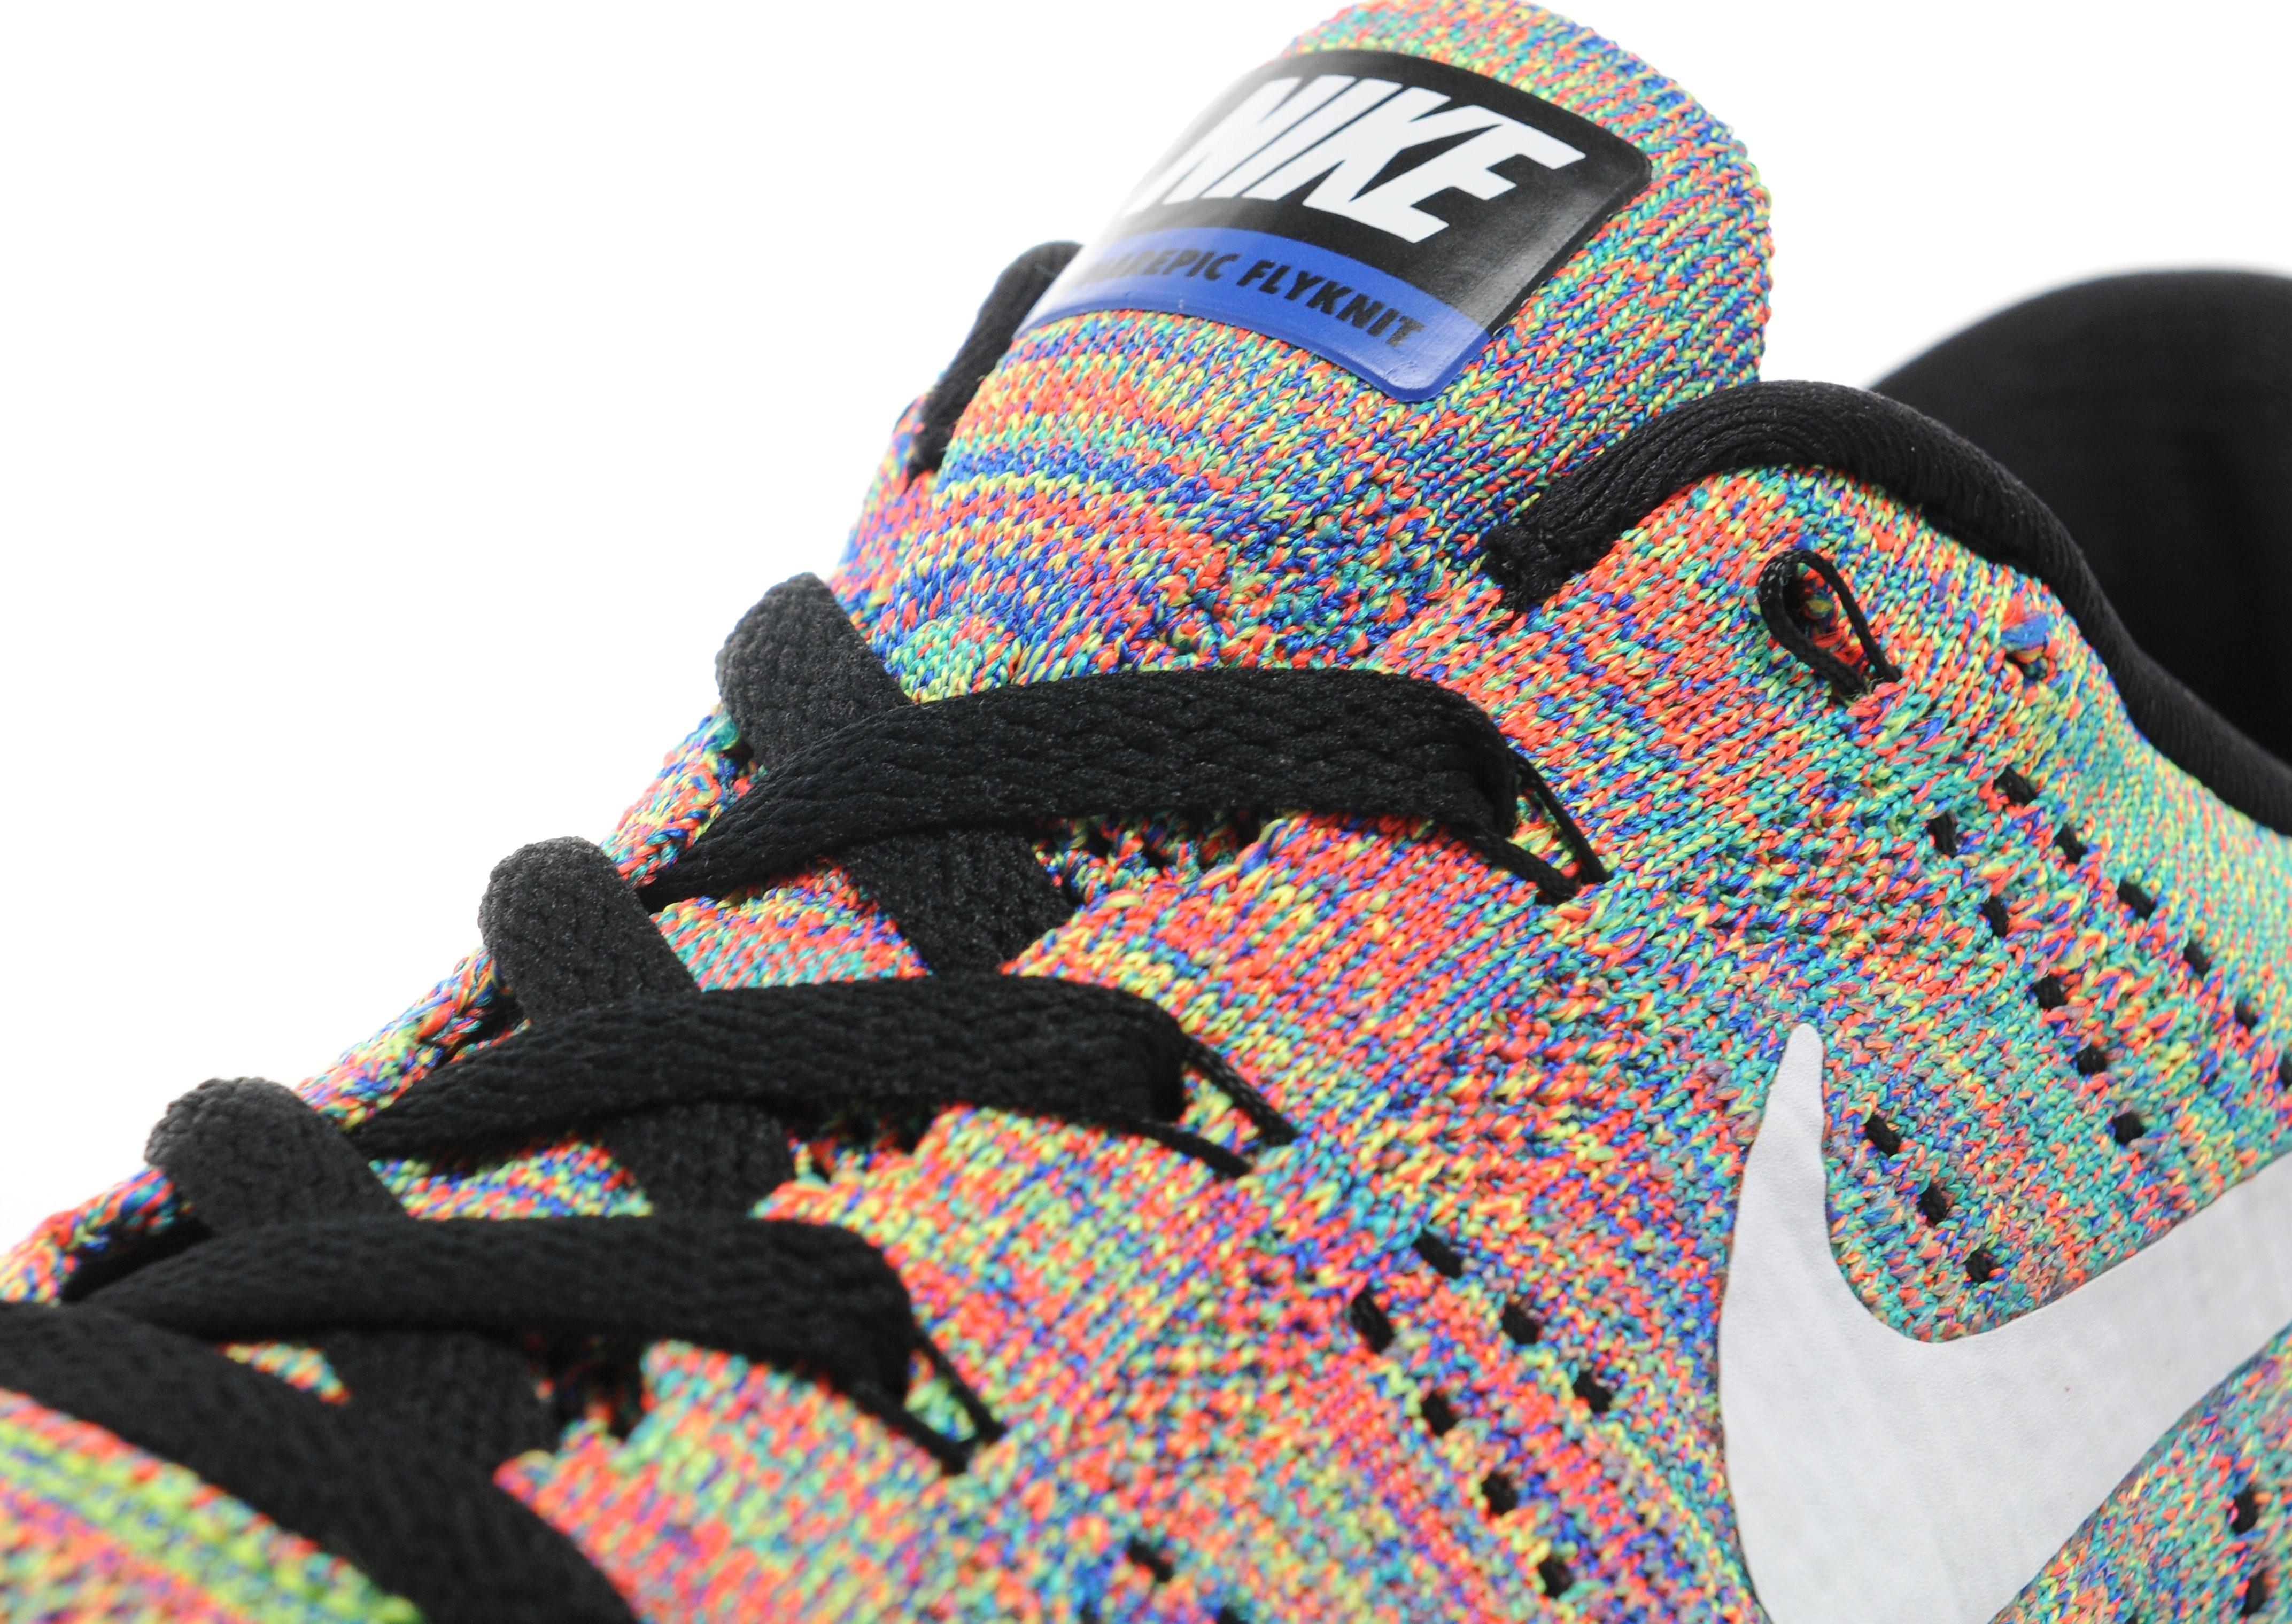 Nike LunarEpic Flyknit Low